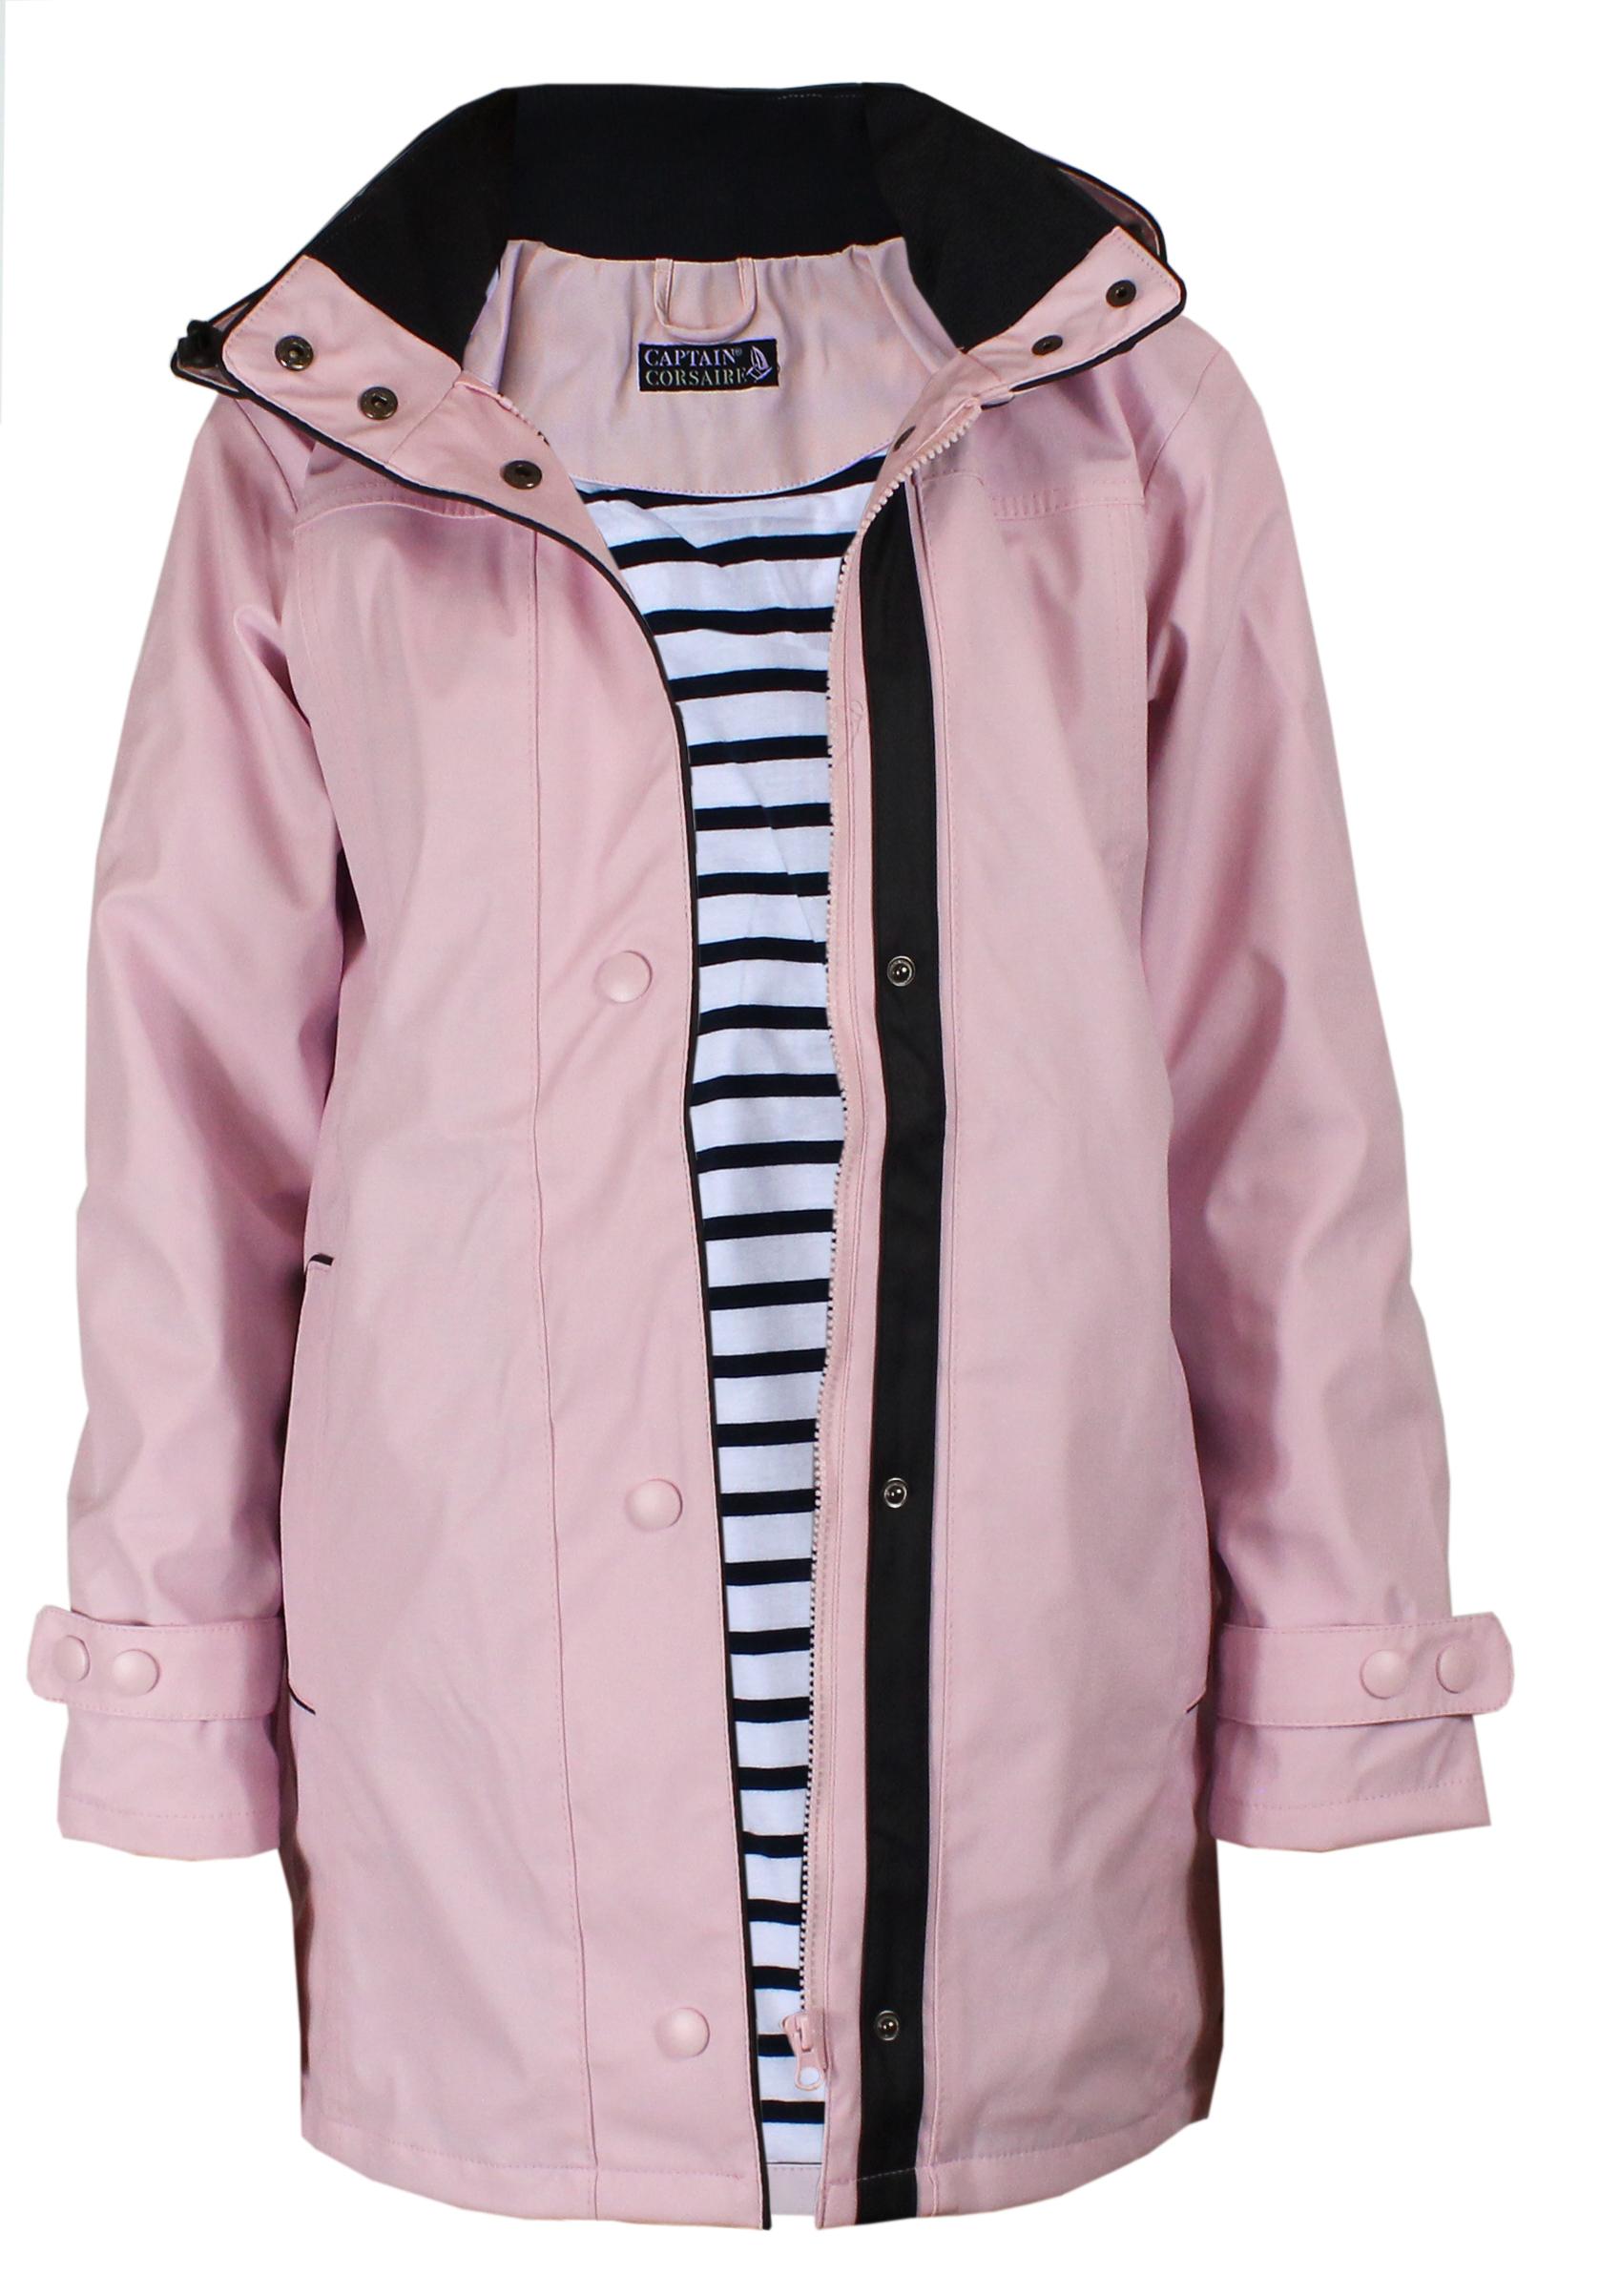 Raincoat, £69.99, The Nautical Company